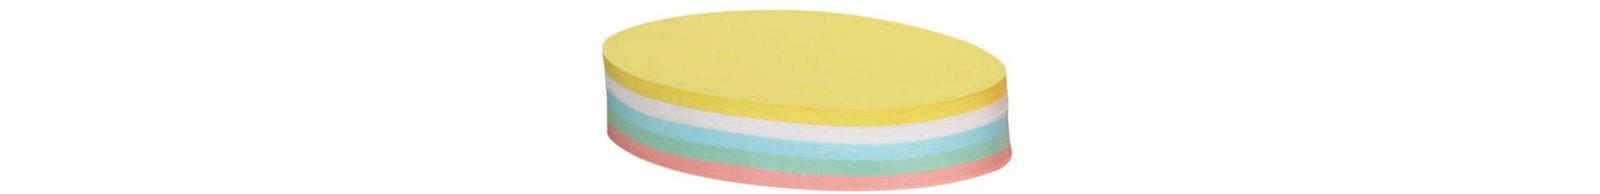 Moderationskarten, oval, 19 x 11 cm, 250 St./Pack, farbig sortiert